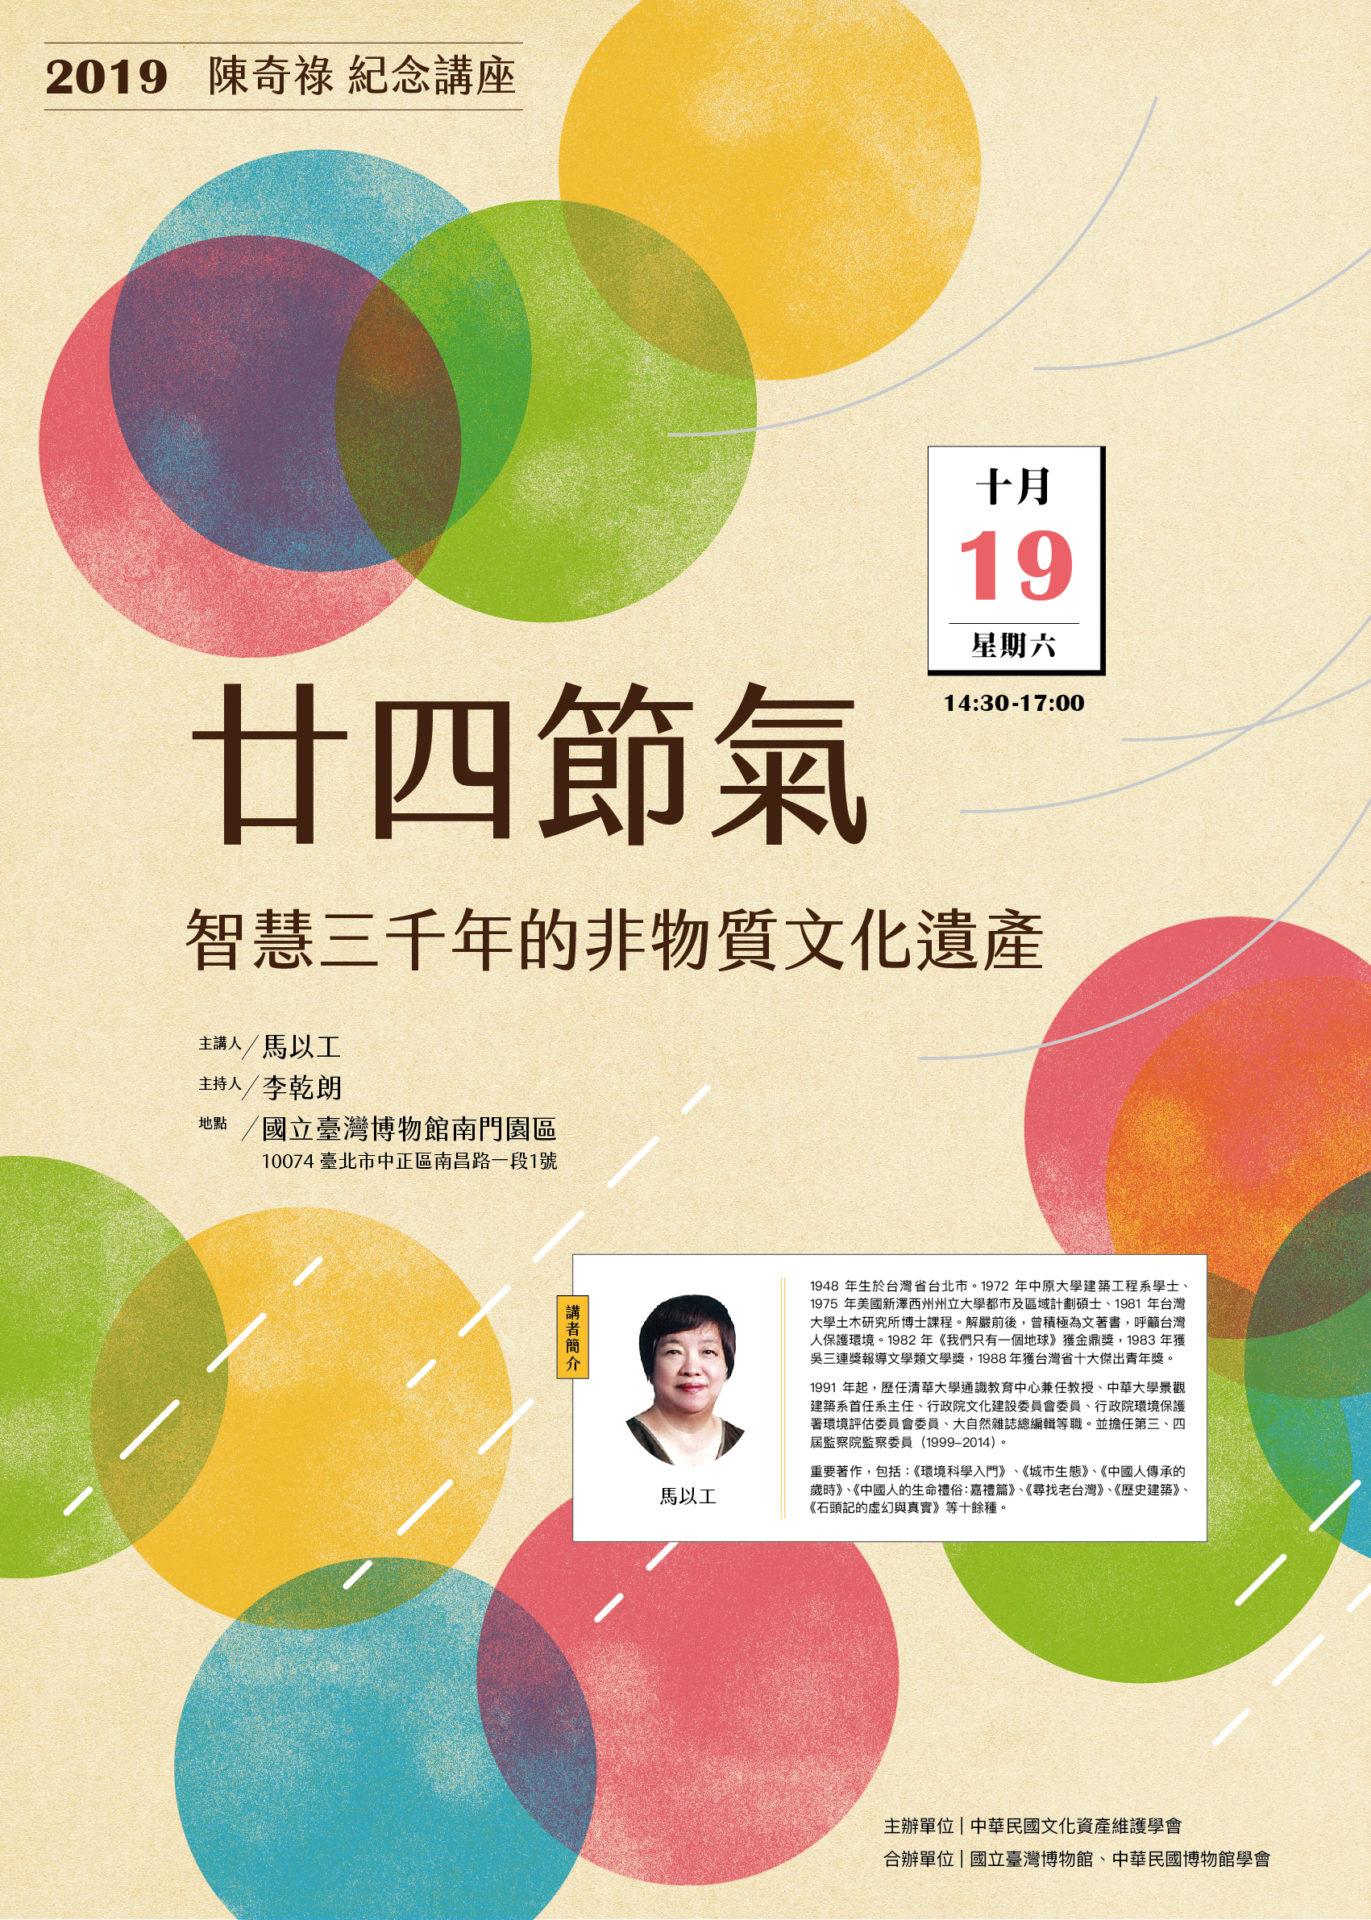 中華民國文化資產維護學會:2019/10/19【2019陳奇祿紀念講座】